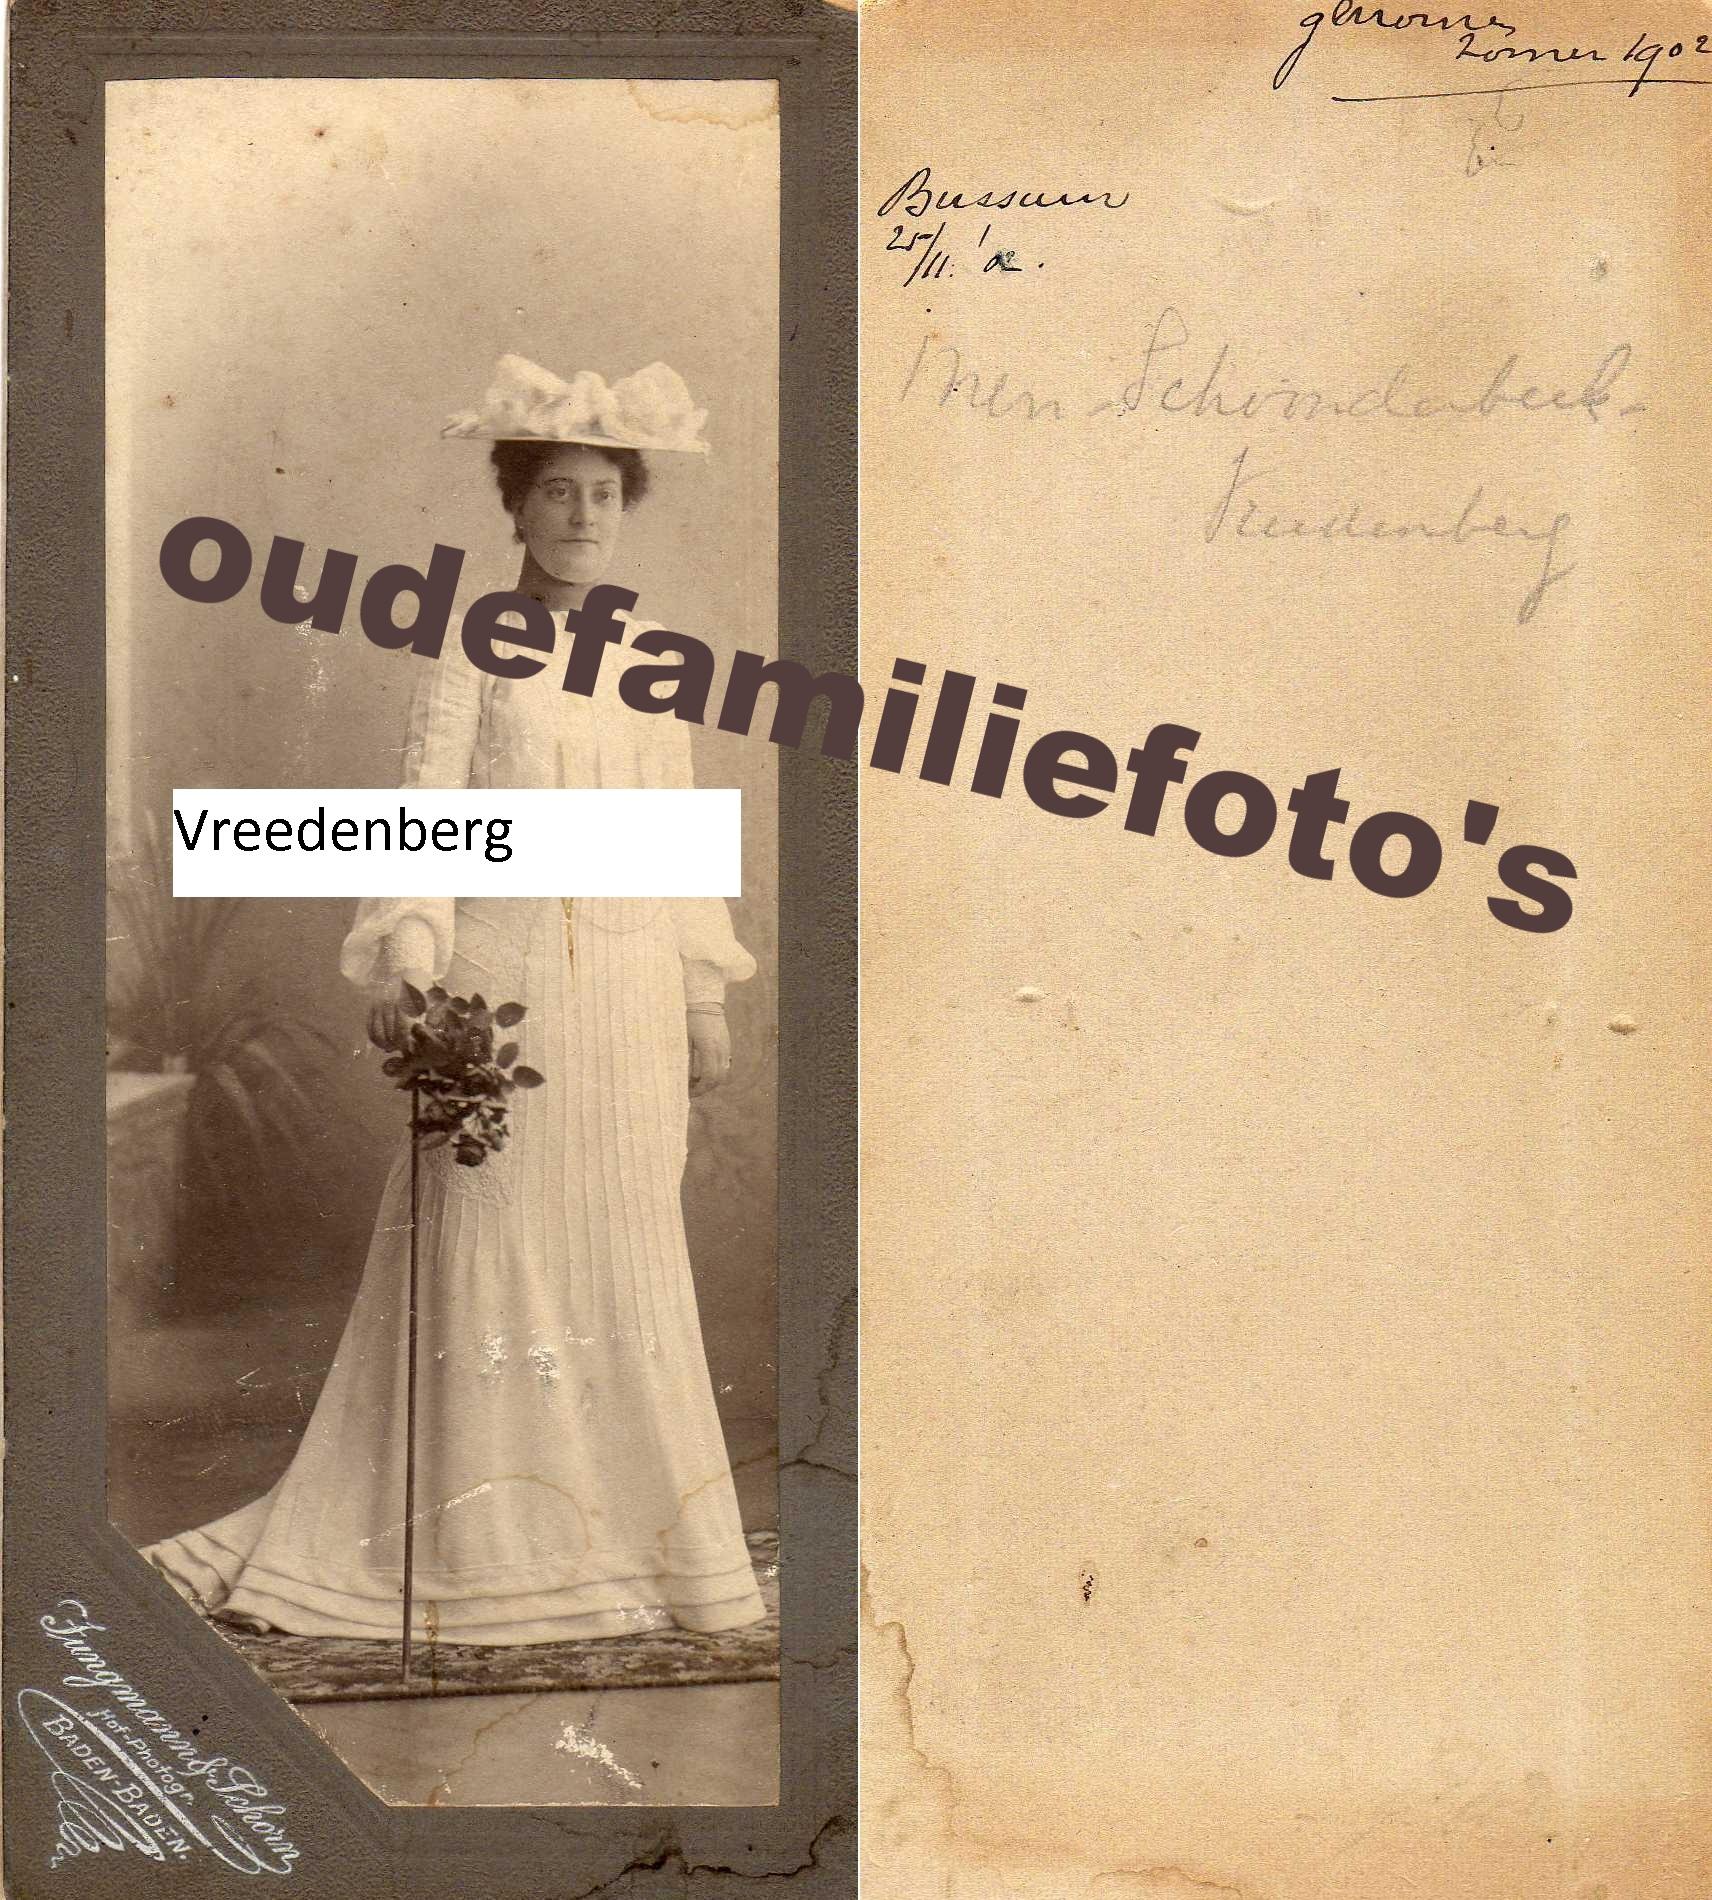 Vreedenberg, Georgette. geb. 274-1870 Amsterdam ovl. 20-7-1904 Naarden getrouwd Johannes J.H Schoonderbeek. € 3,50